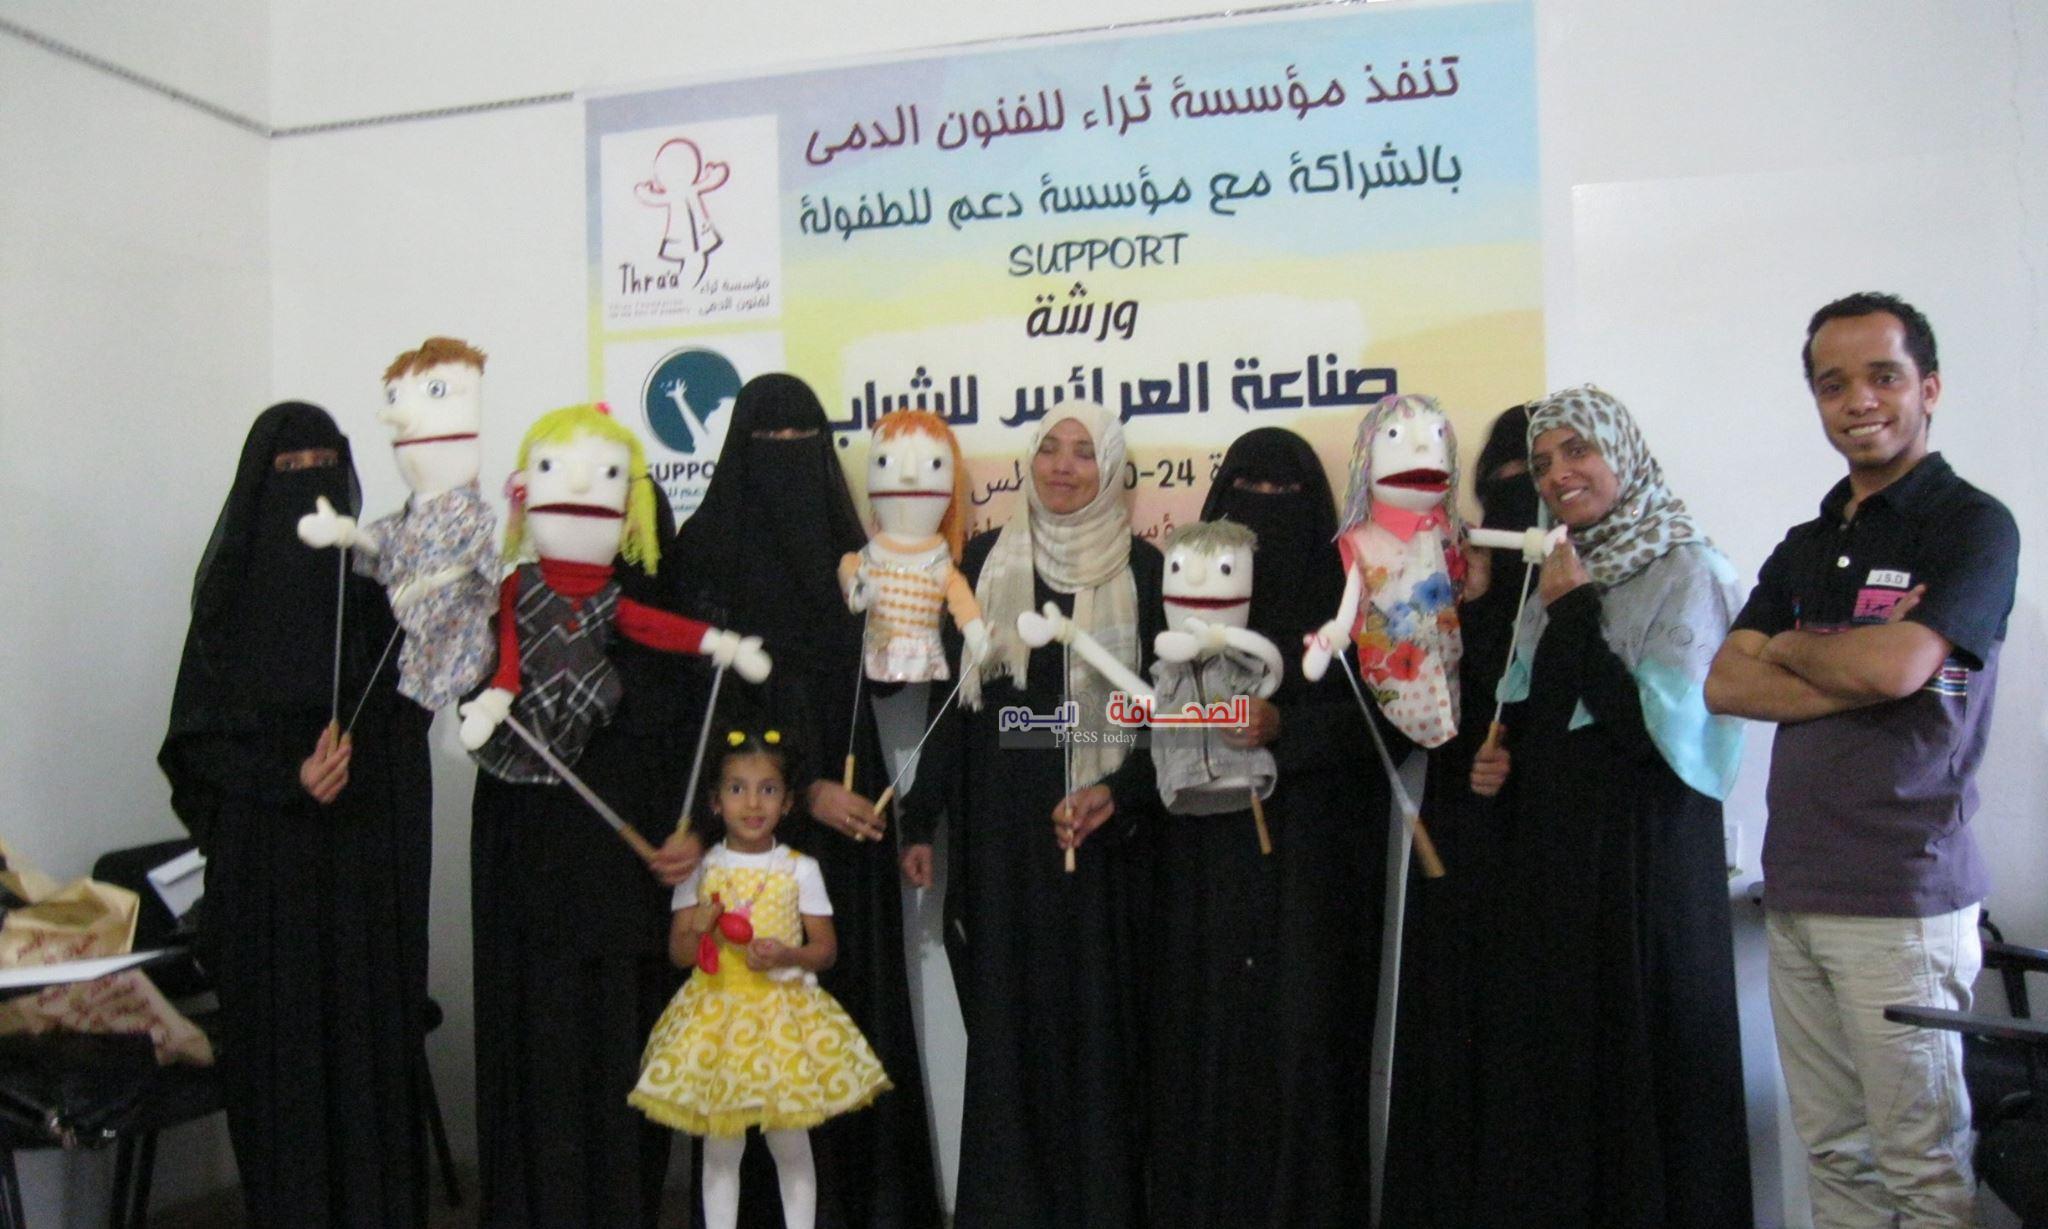 الفنان العدله: يختتم ورشة صناعة العرائس للشباب في صنعاء